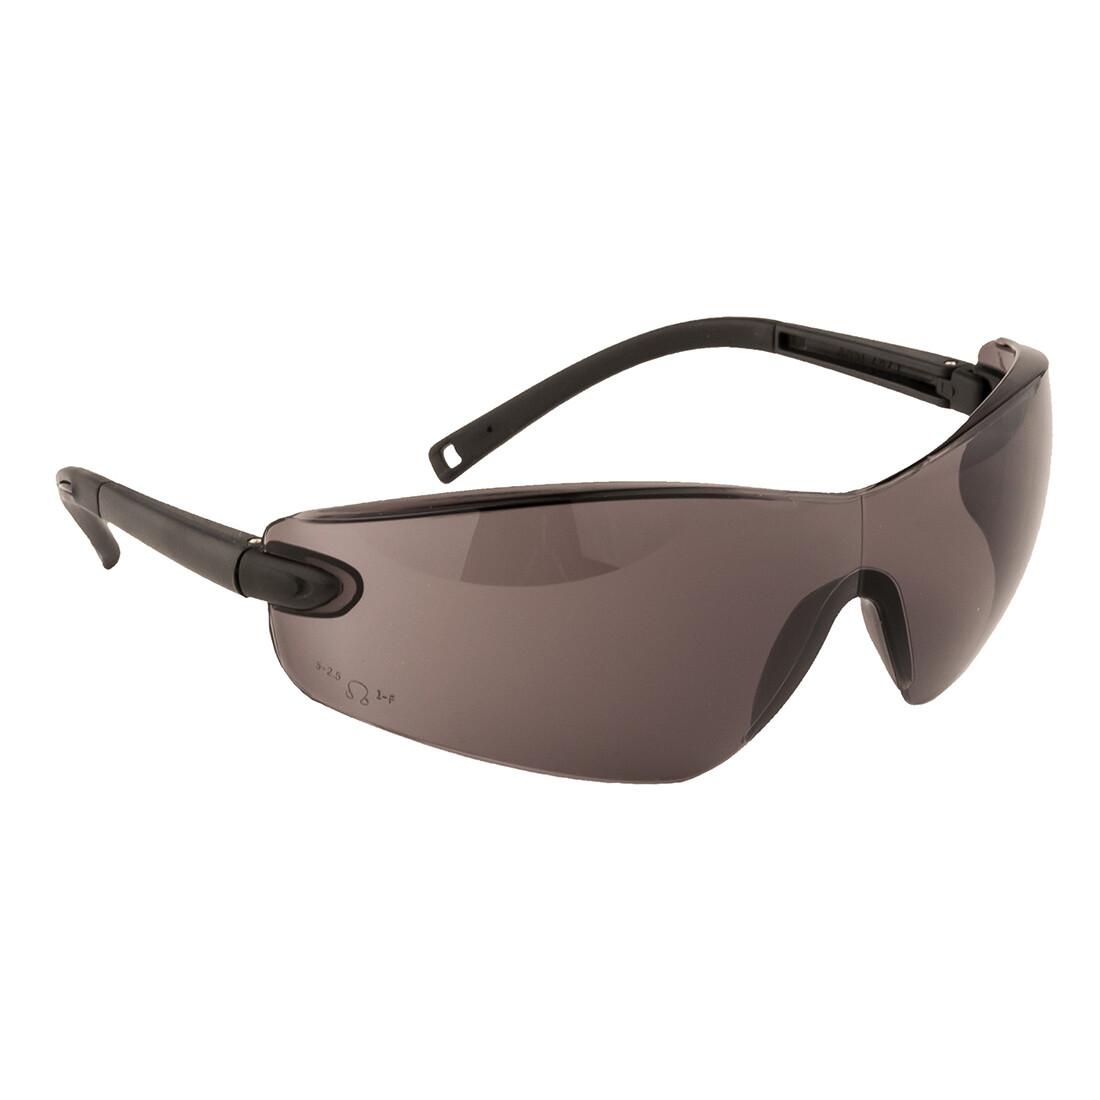 PW34 - Profile Safety Glasses Smoke. PW34SKR